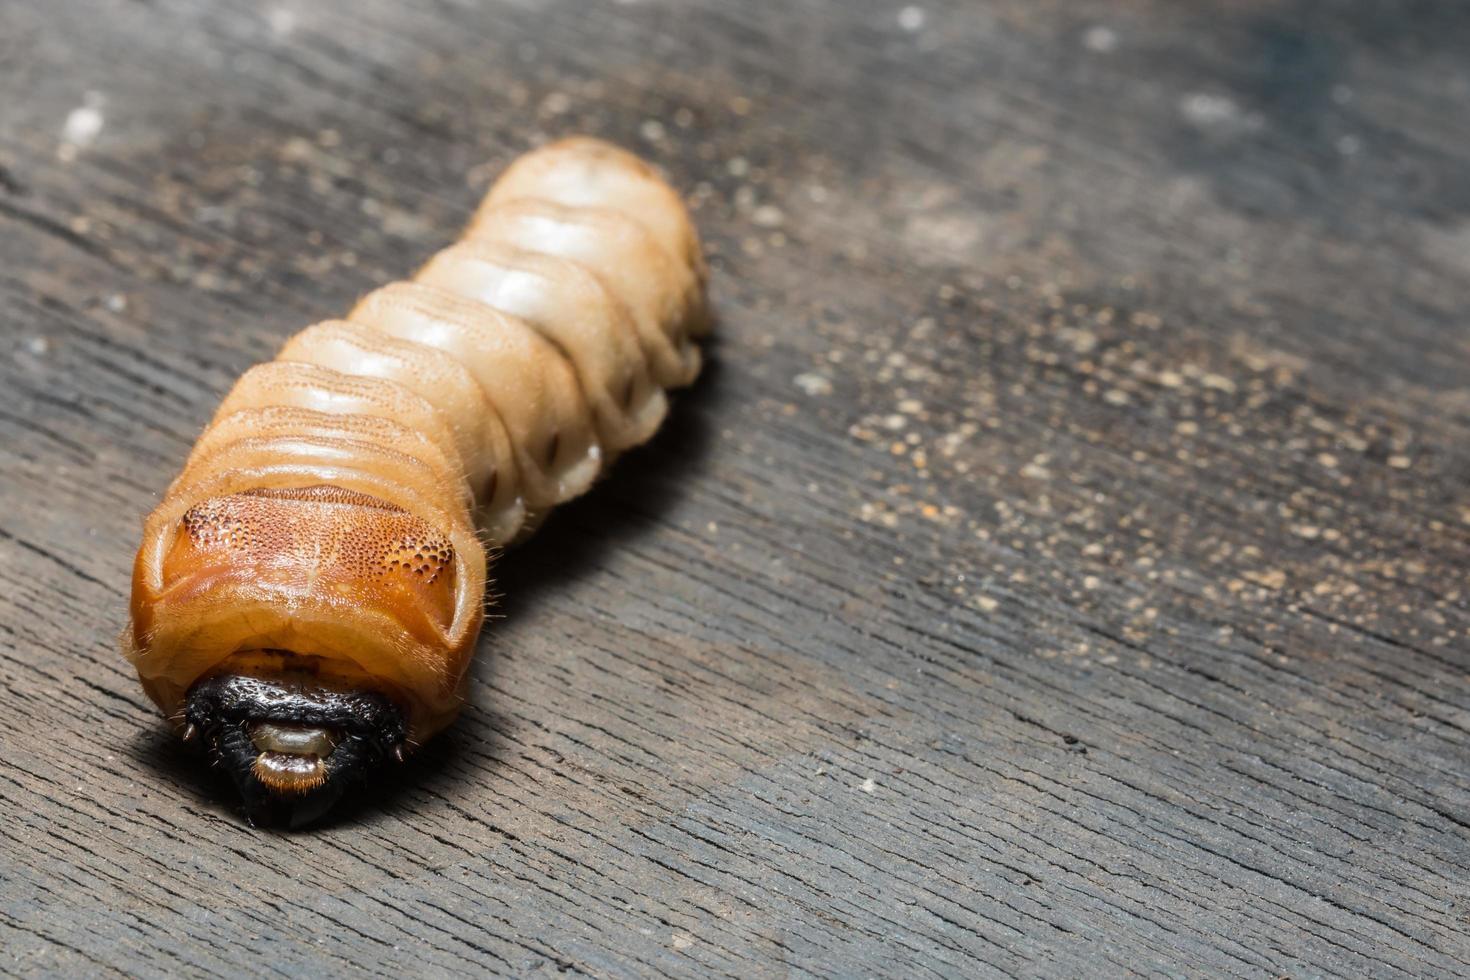 verme su una superficie di legno foto